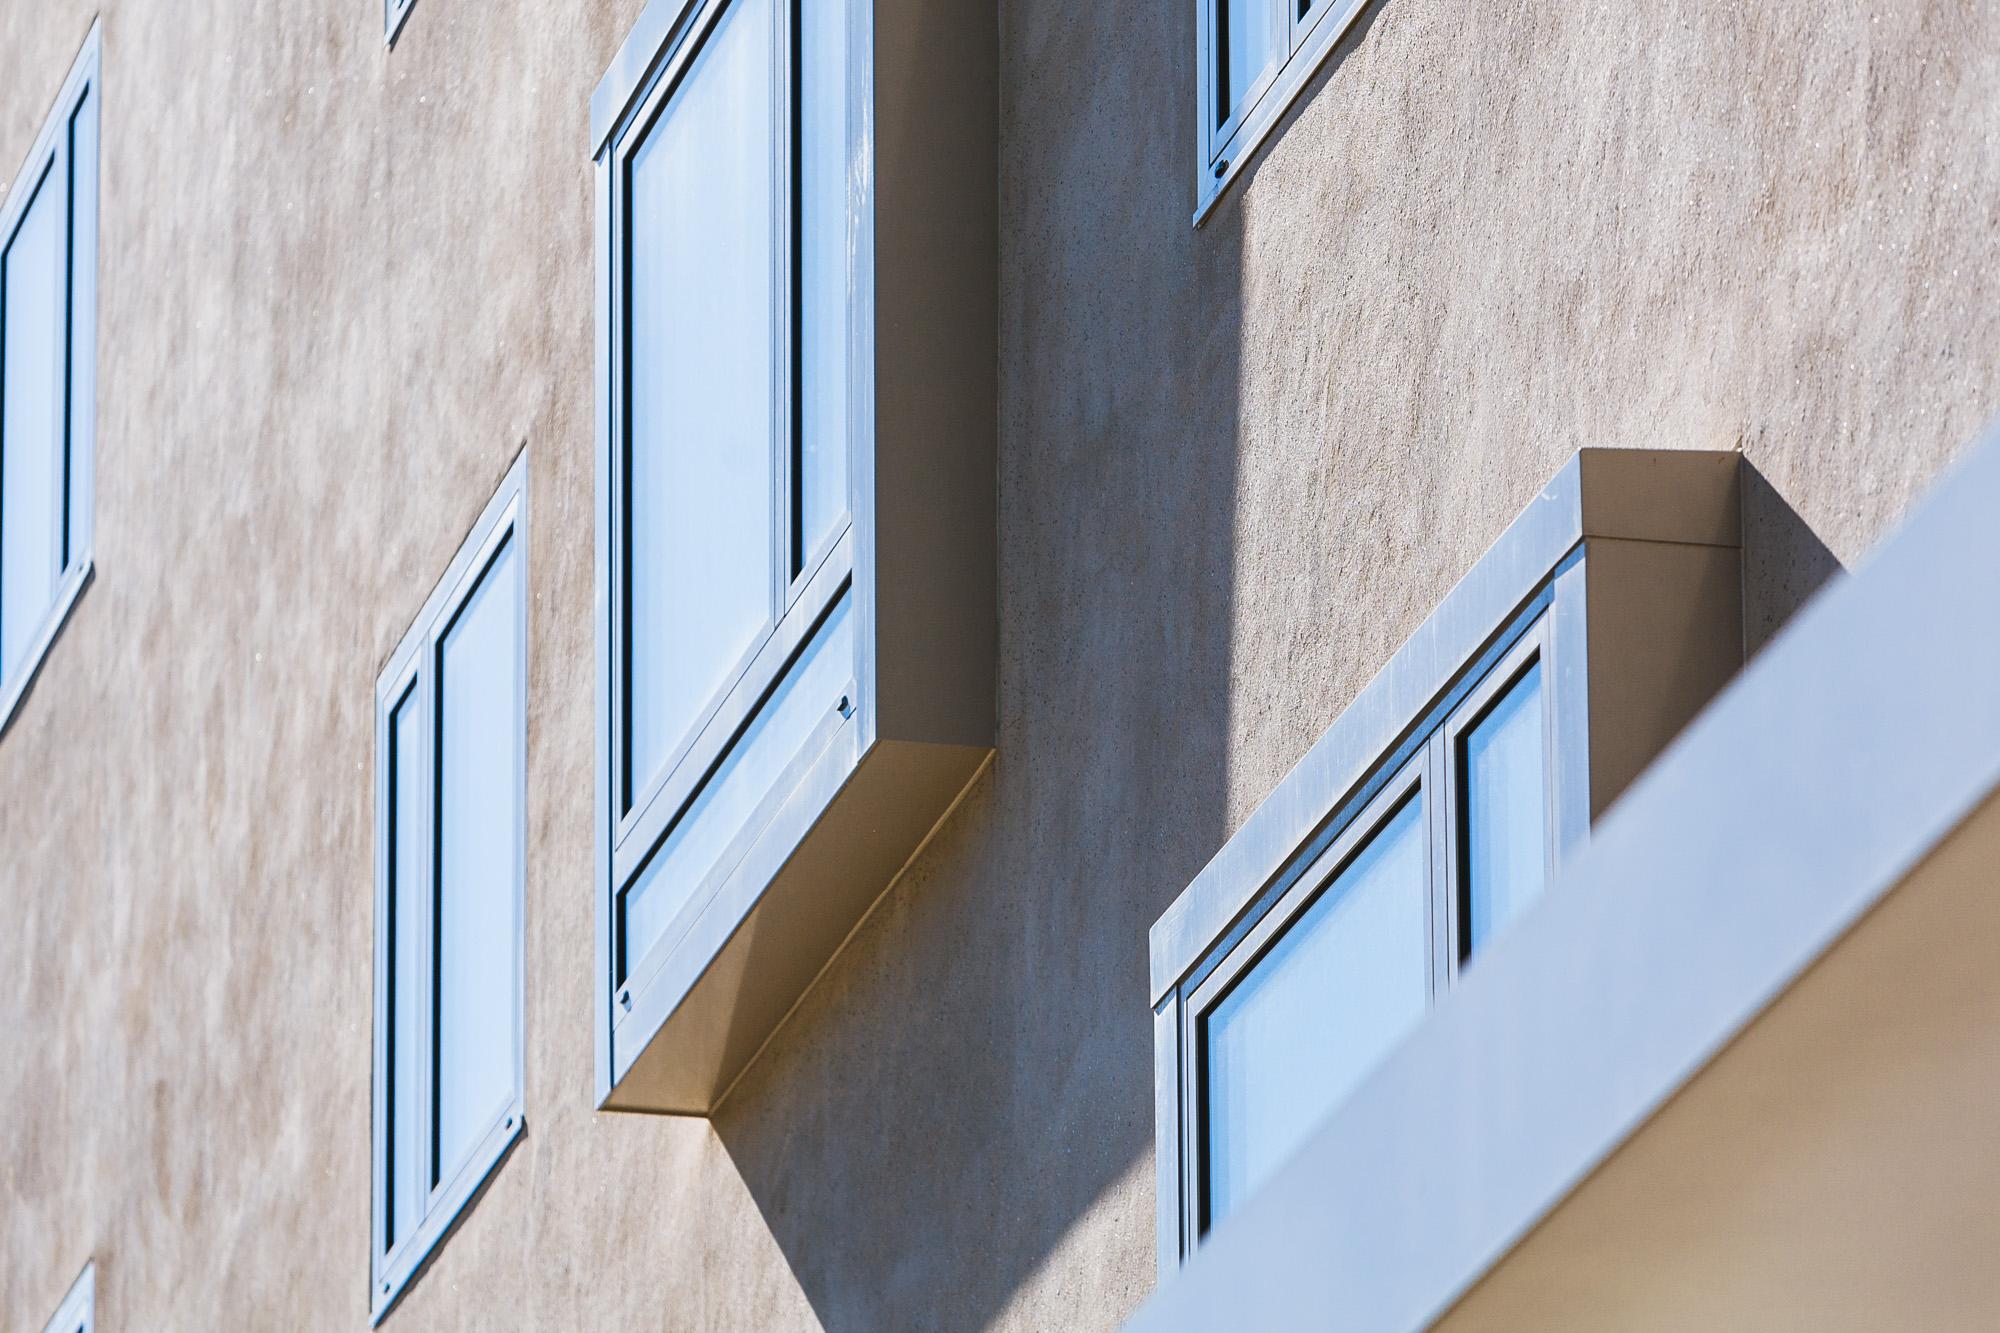 Die MerzGips AG hat beim Aare Wohntraum an der Worblaufenstrasse in Ittigen Fassadenbau ausgeführt